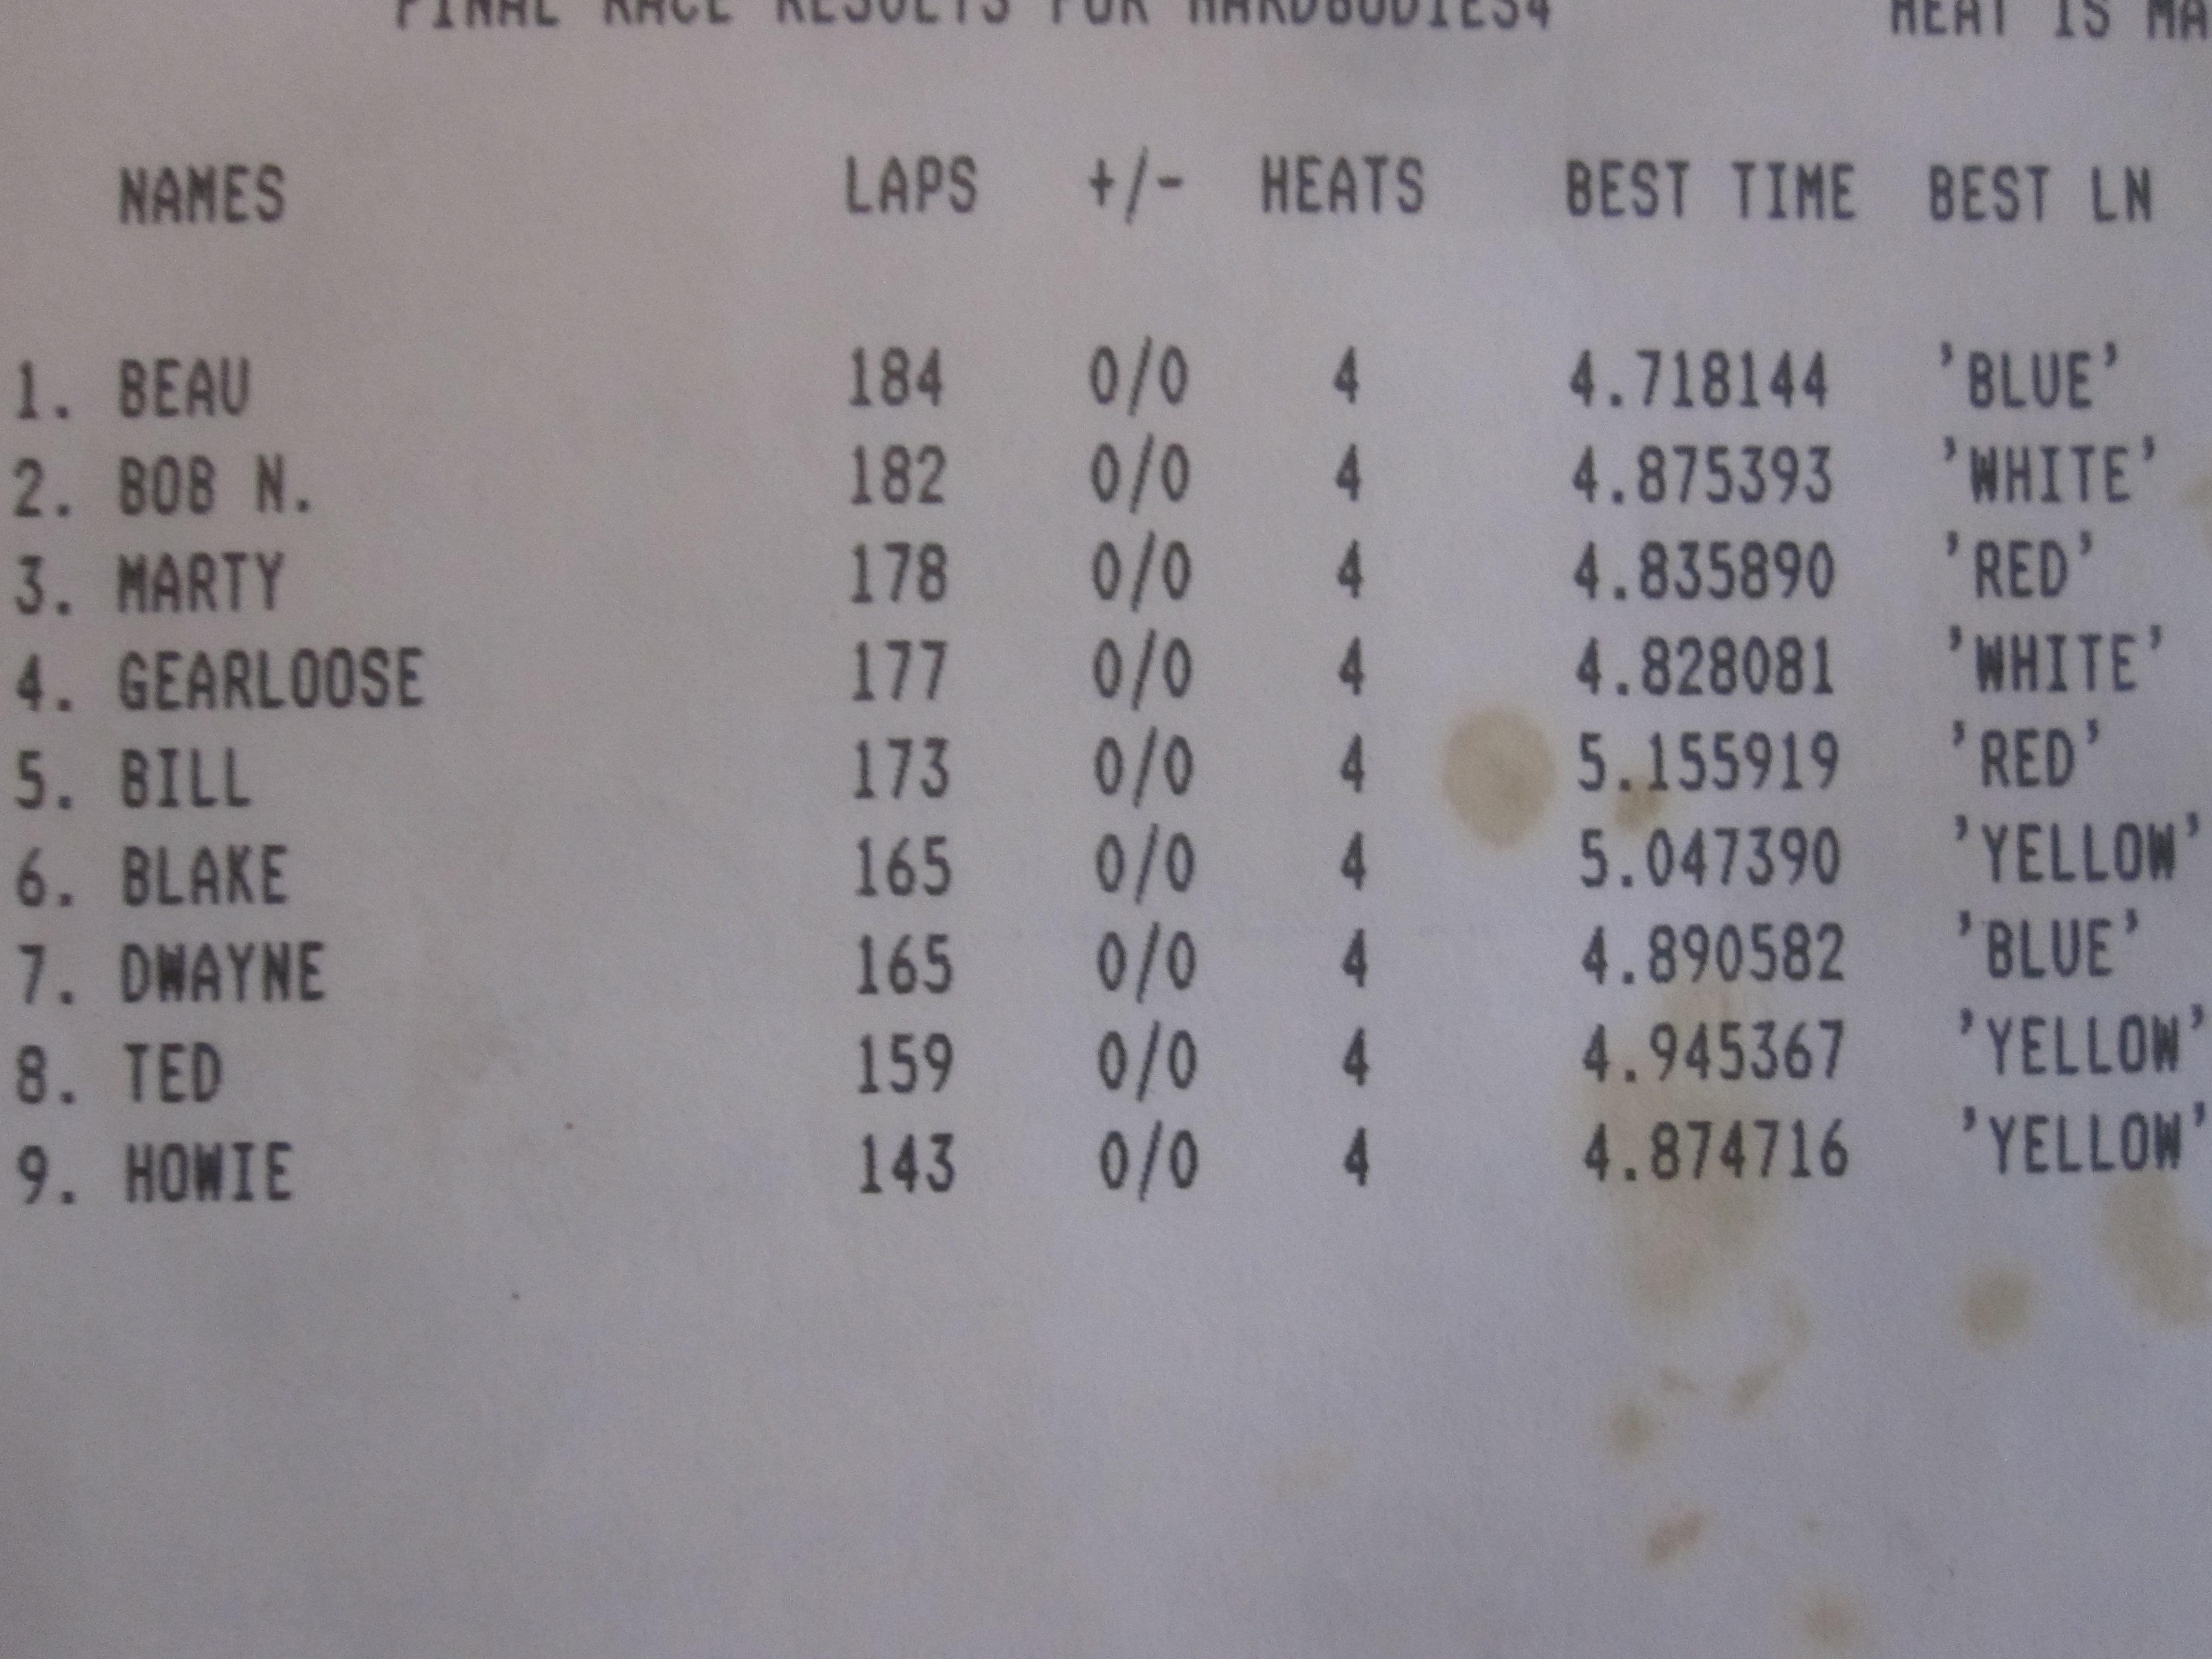 http://www.naste.org/members/bill/RaceResultsTA2w.jpg